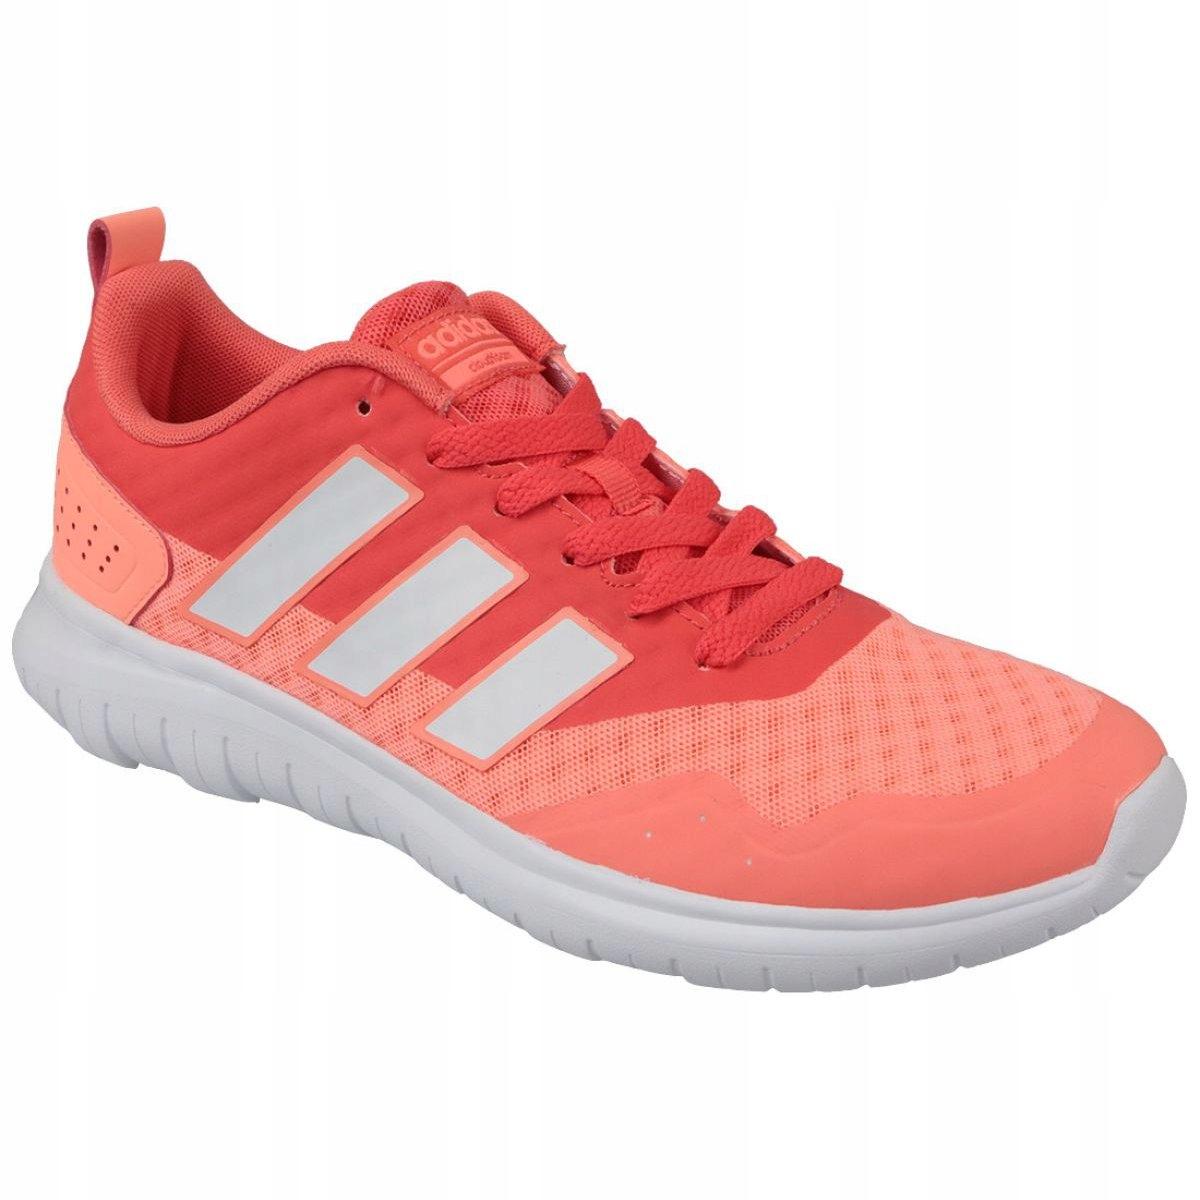 Adidas sportowe damskie różowe r.36 2/3